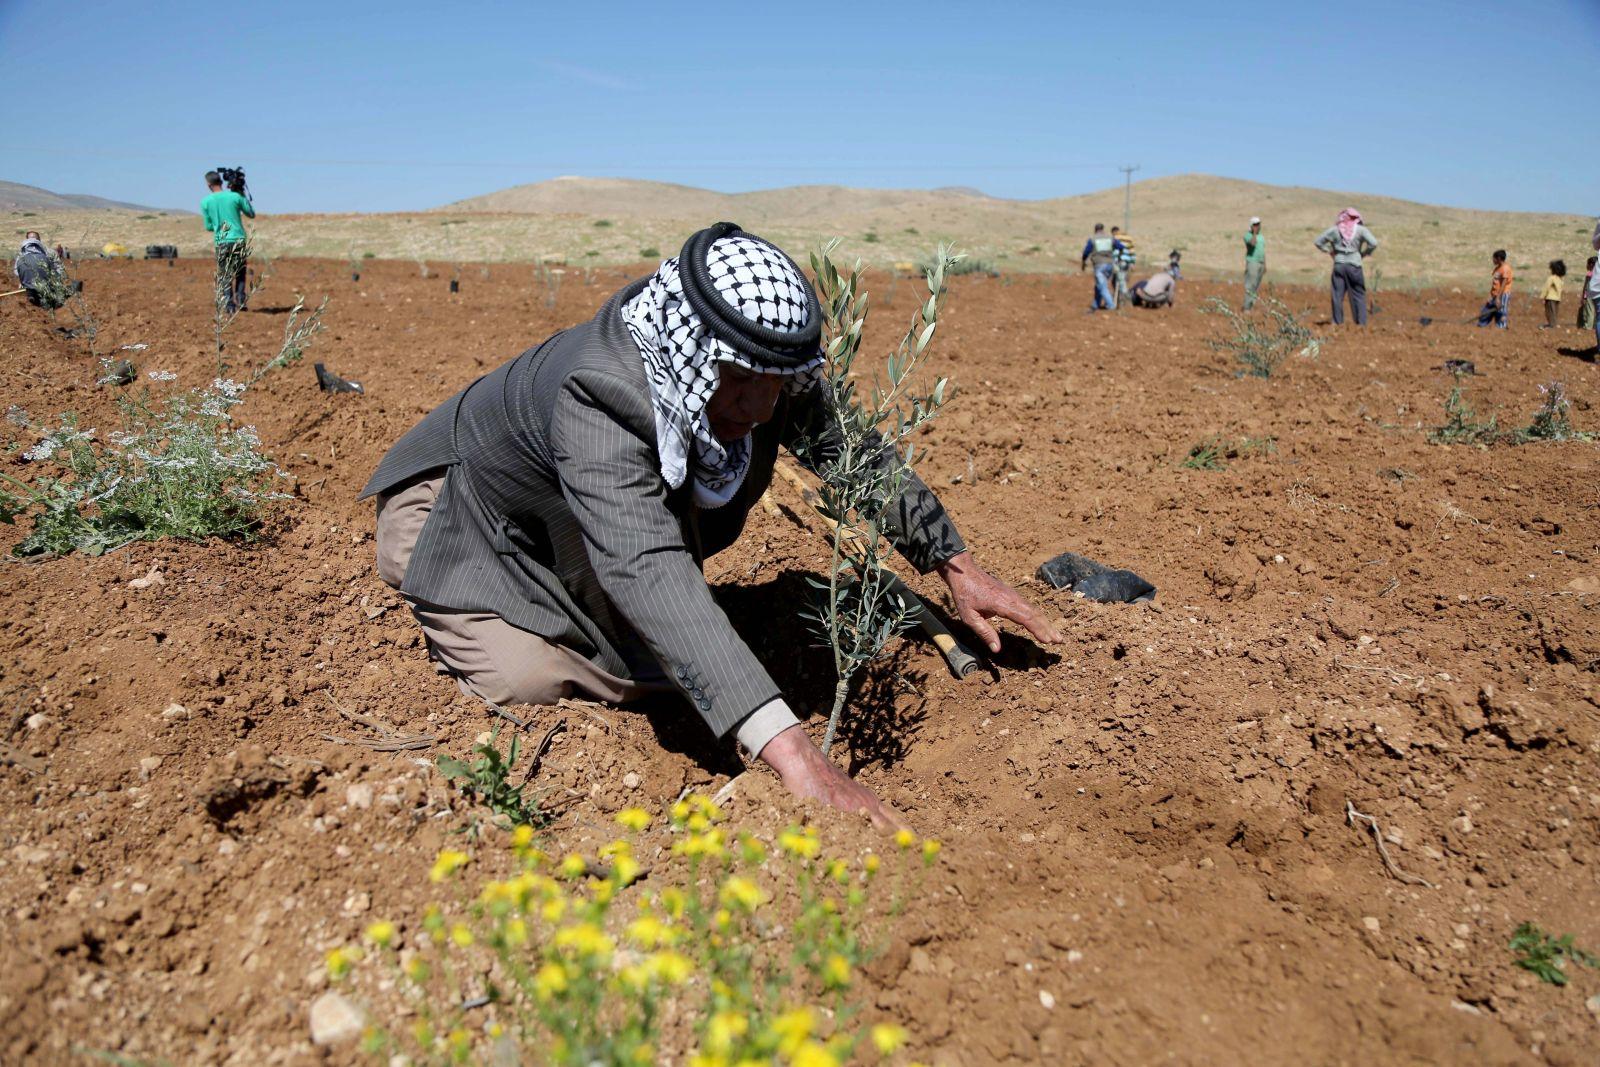 الاحتلال ومصادرة الأراضي.. ماذا بقي لعرب الداخل؟